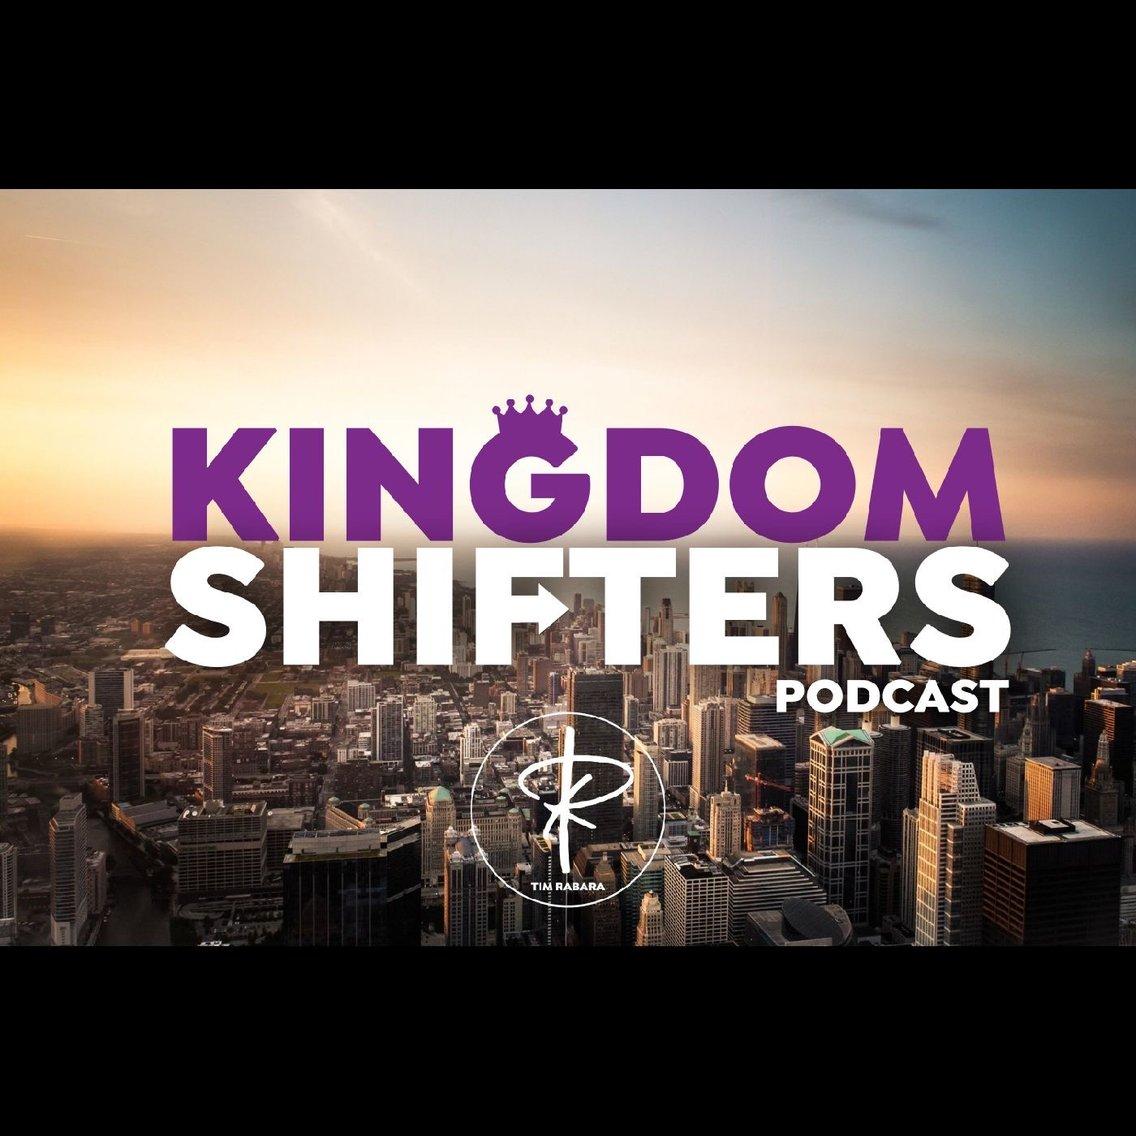 Kingdom Shifters The Podcast - immagine di copertina